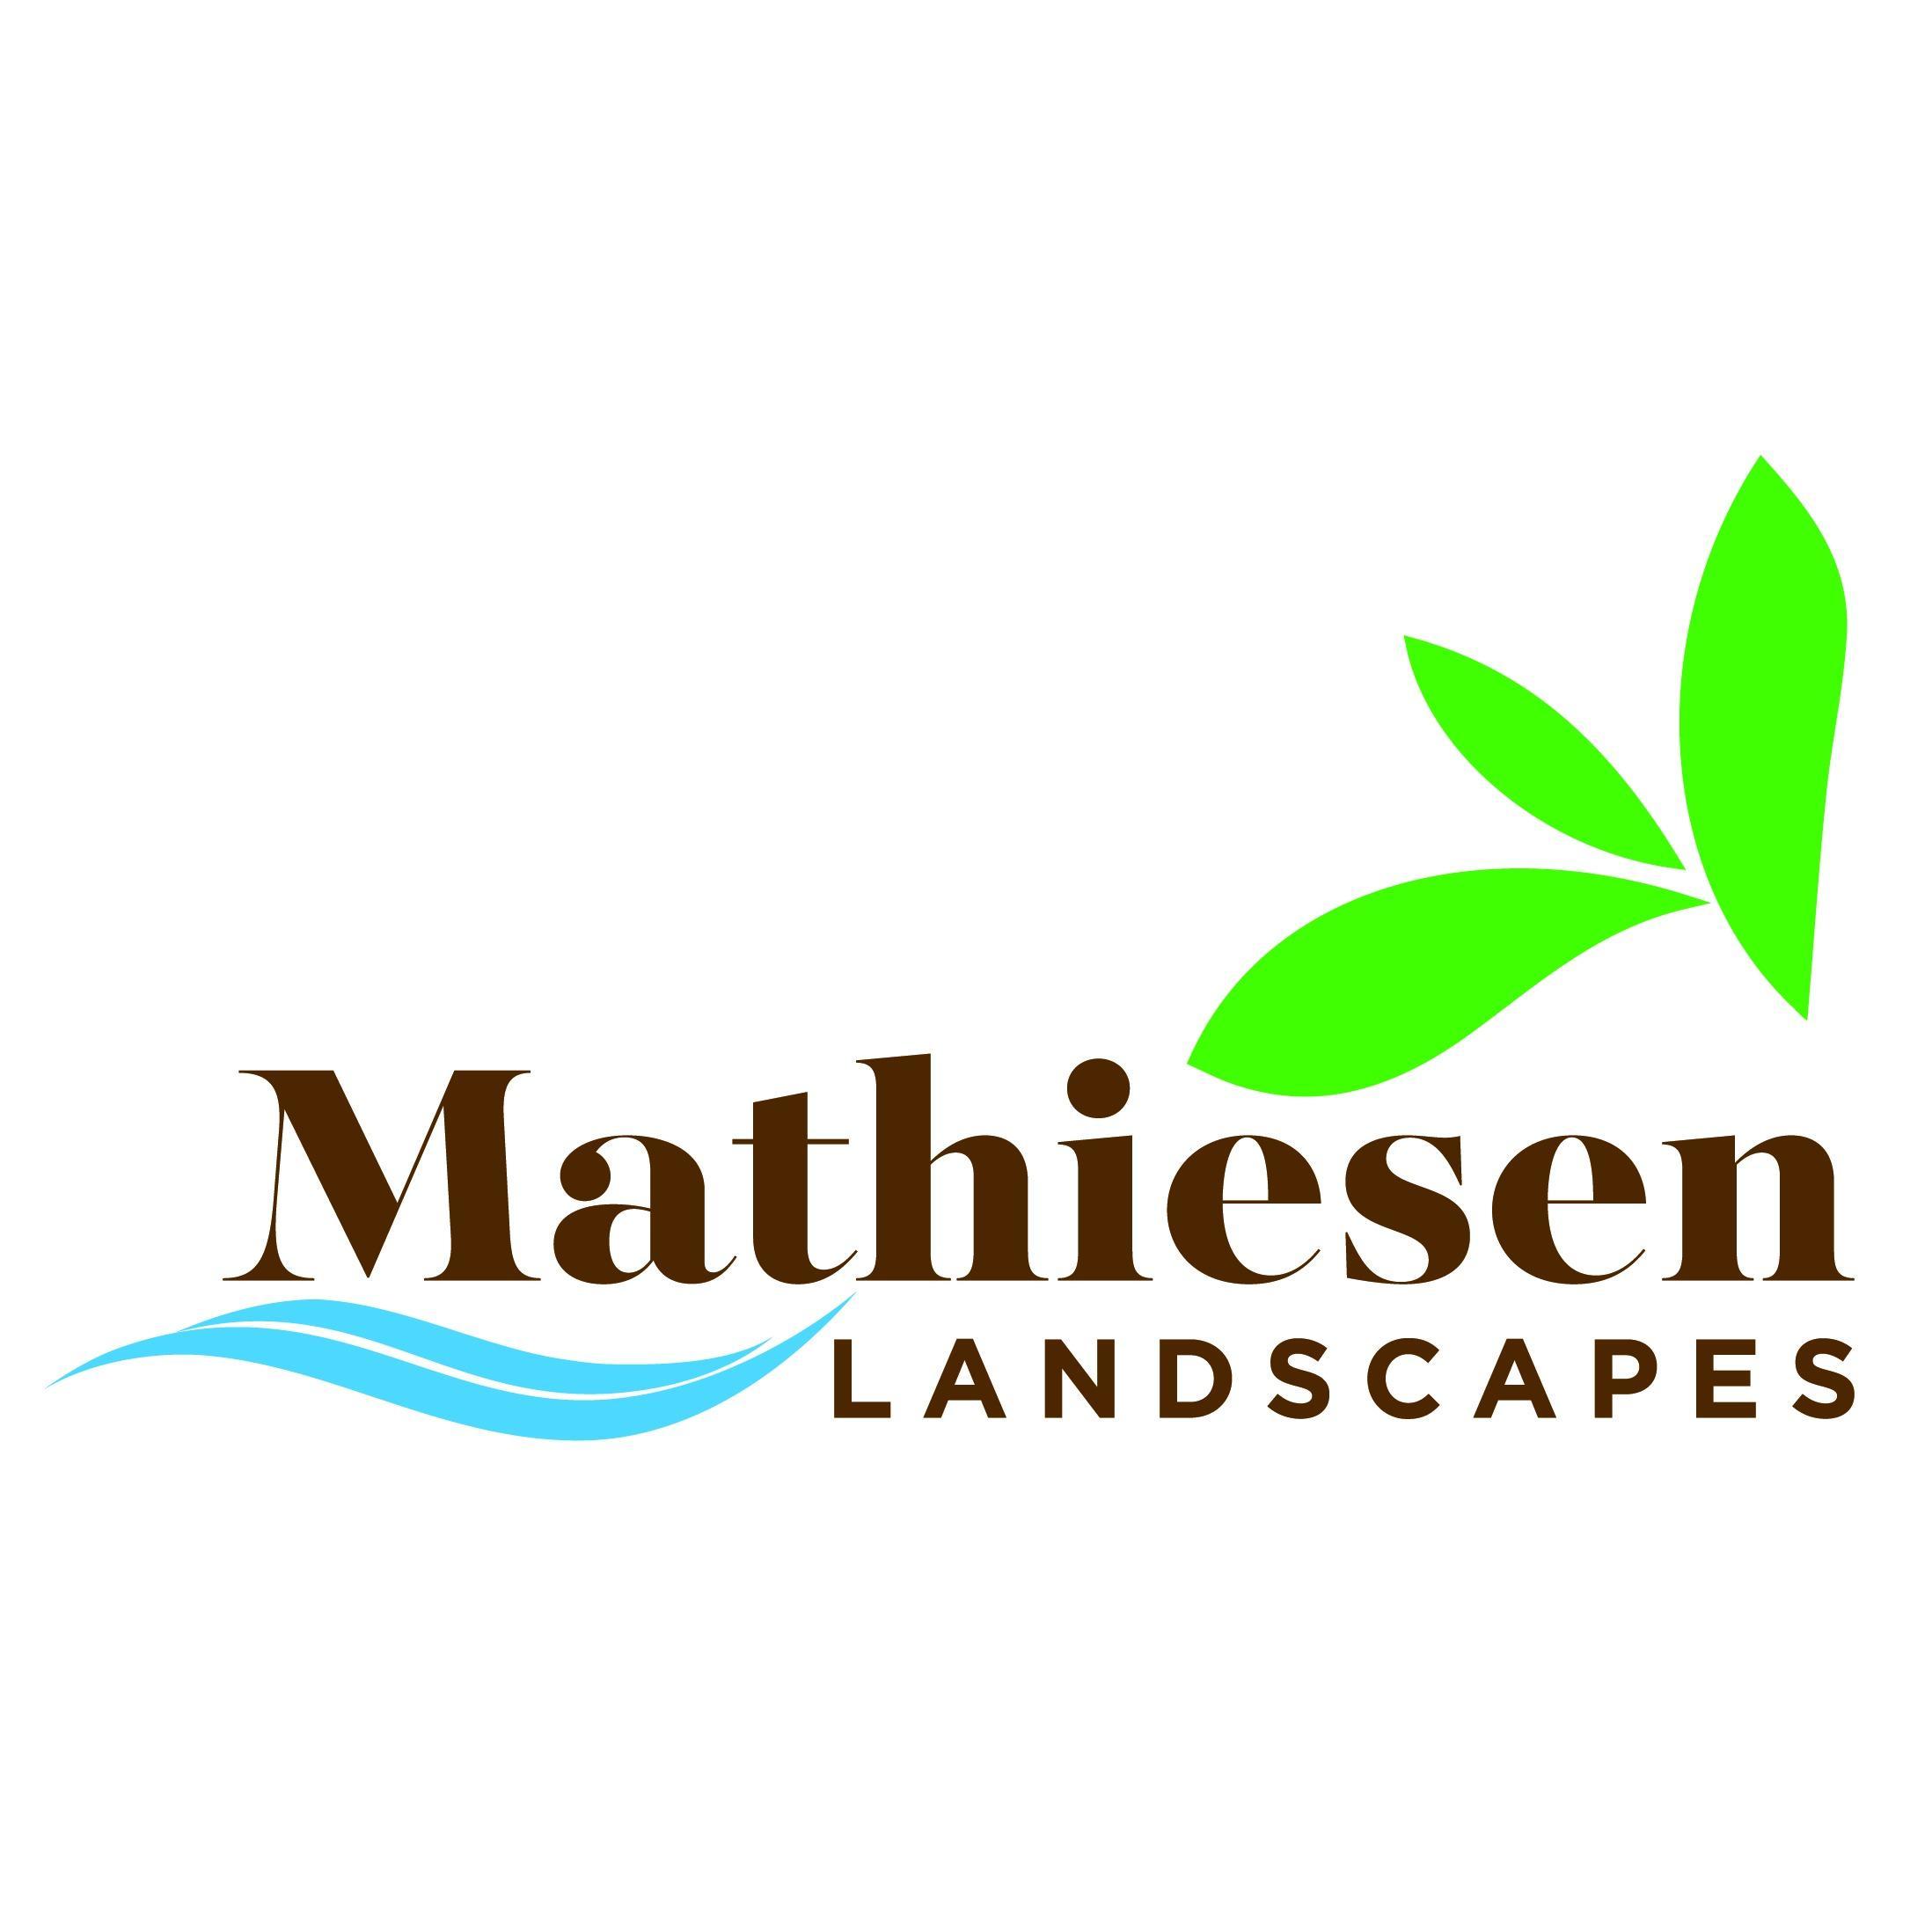 Mathiesen Landscapes